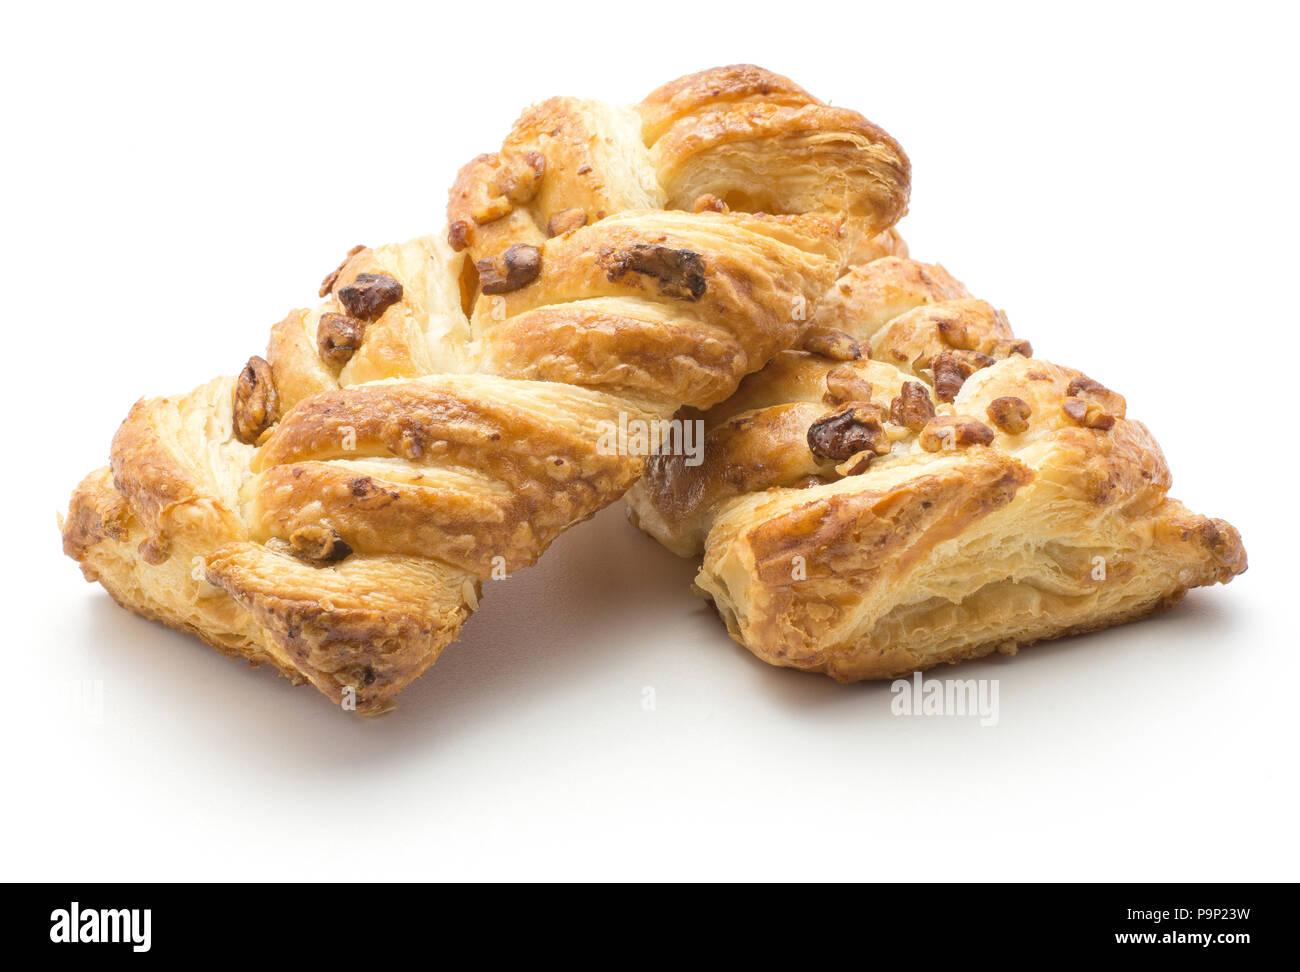 Deux pains twist isolé sur fond blanc avec l'intérieur de confiture et de noix de pécan Photo Stock